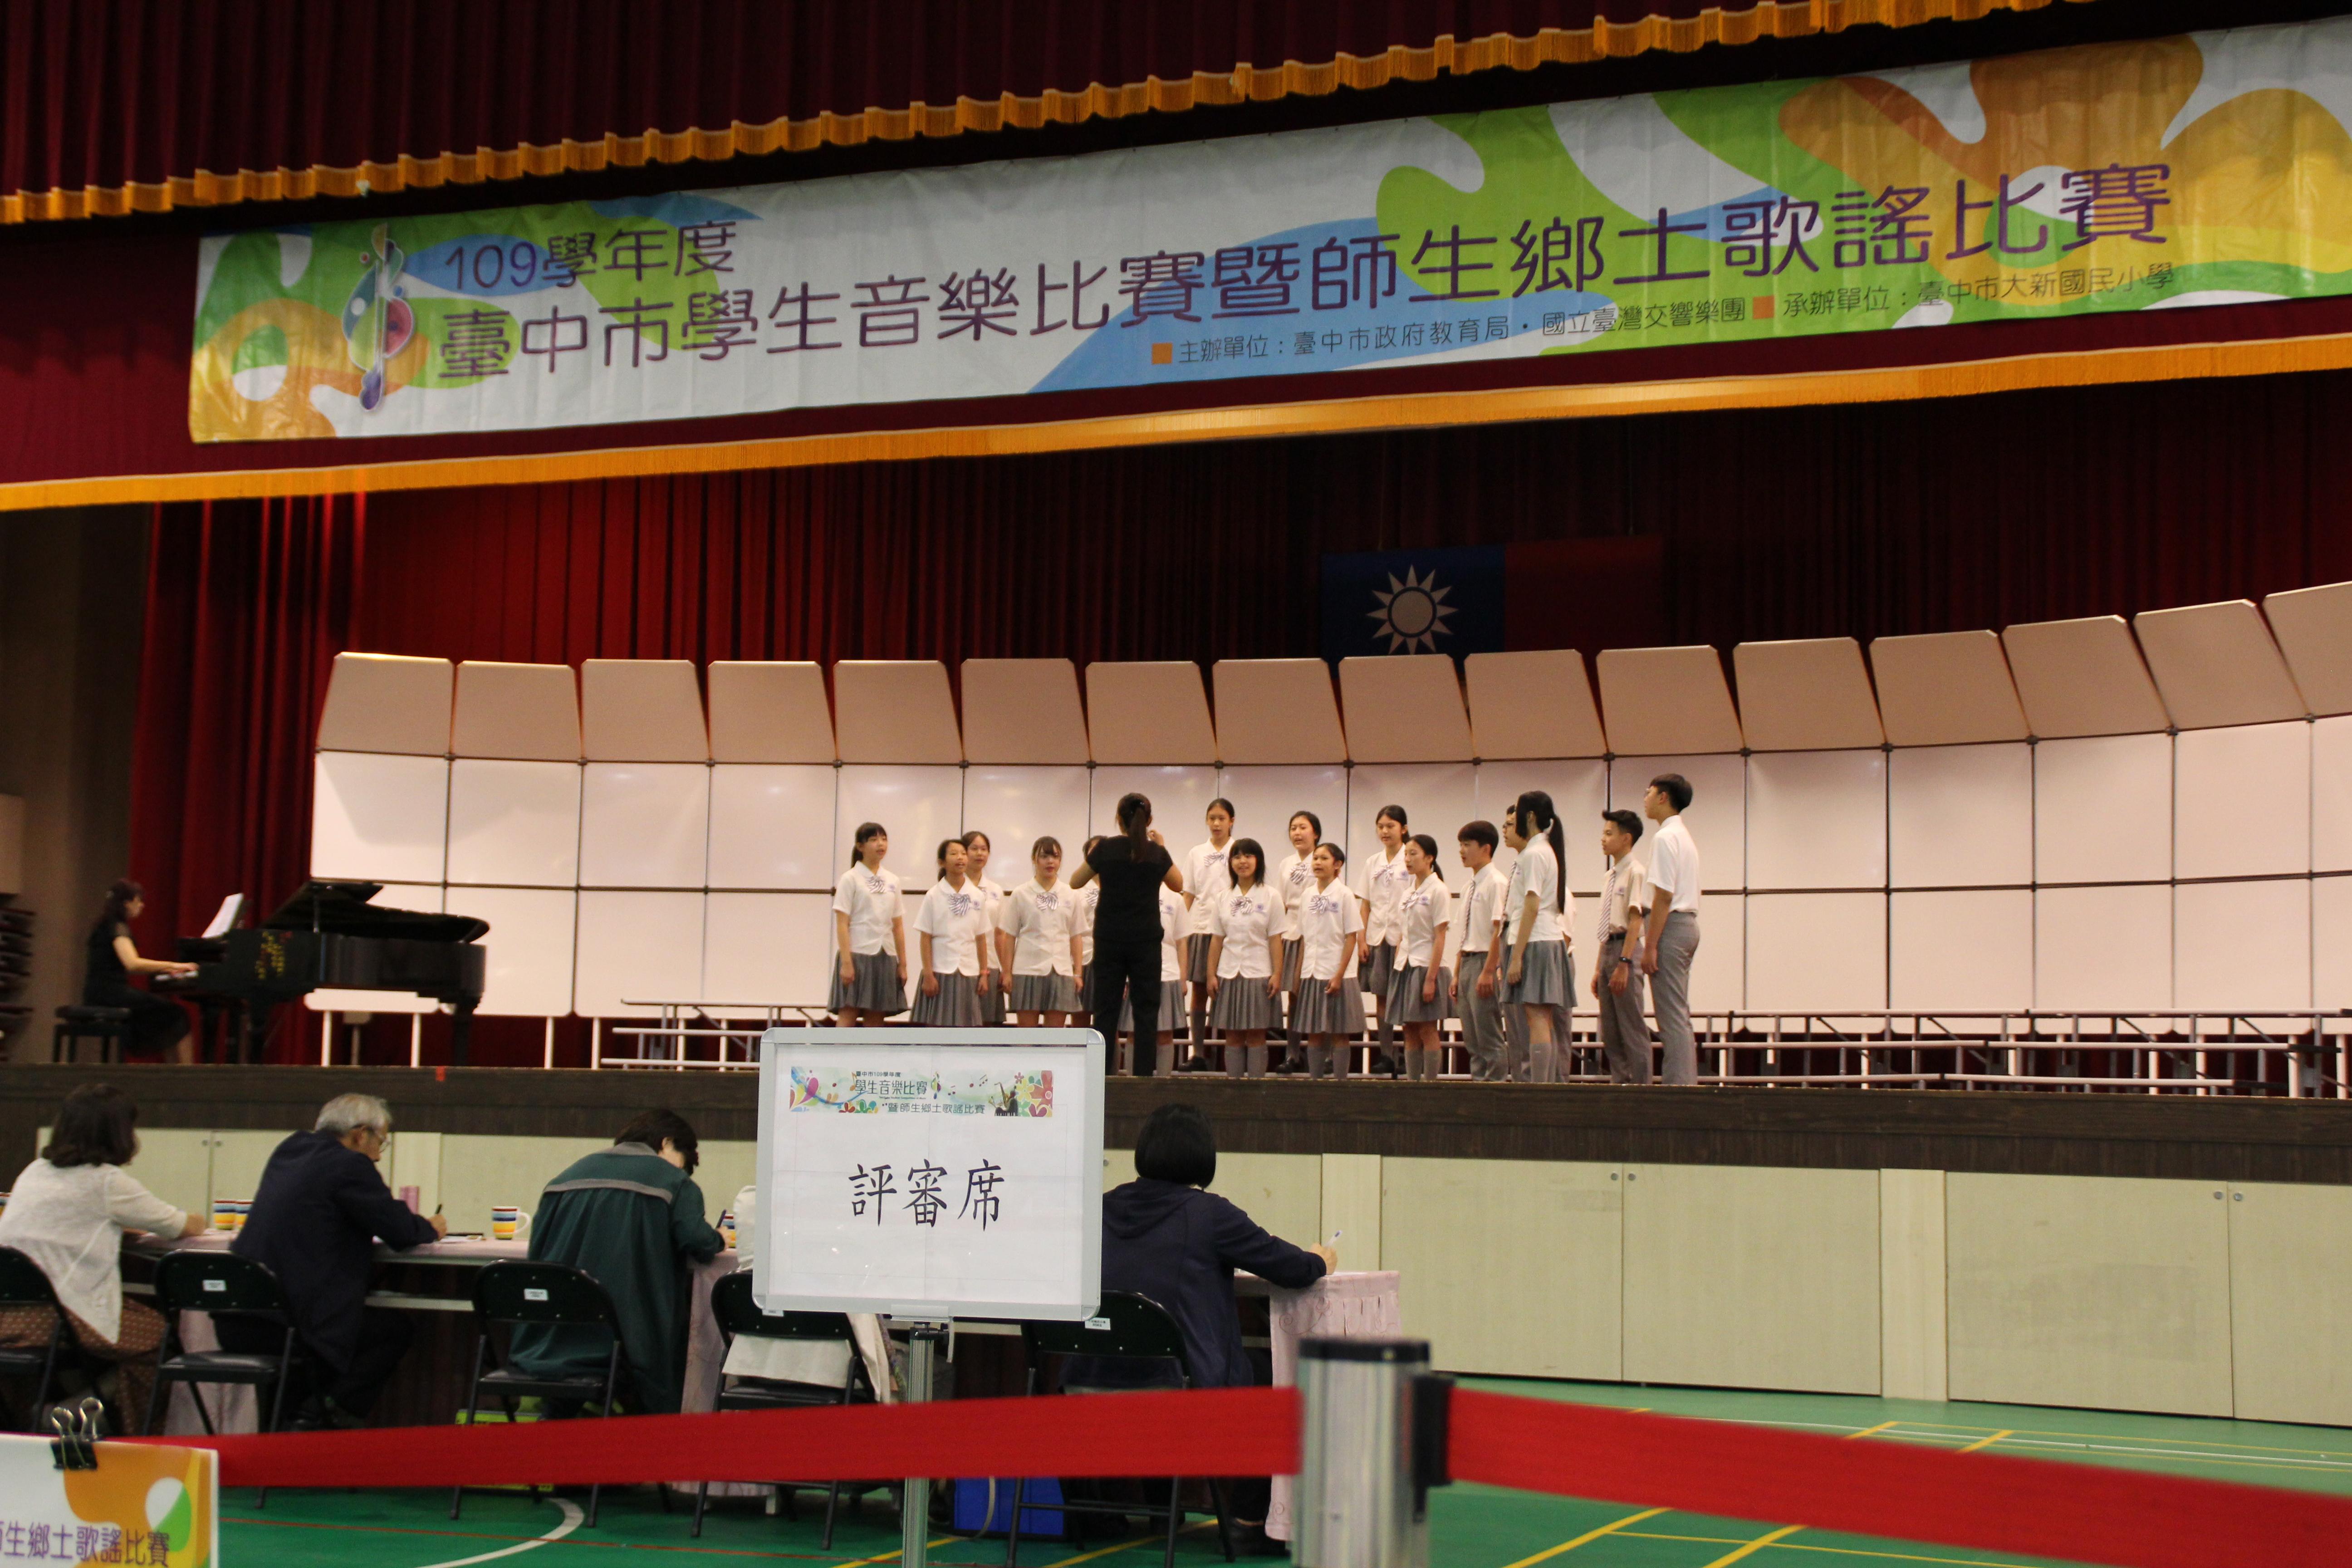 109學年度臺中市師生鄉土歌謠比賽